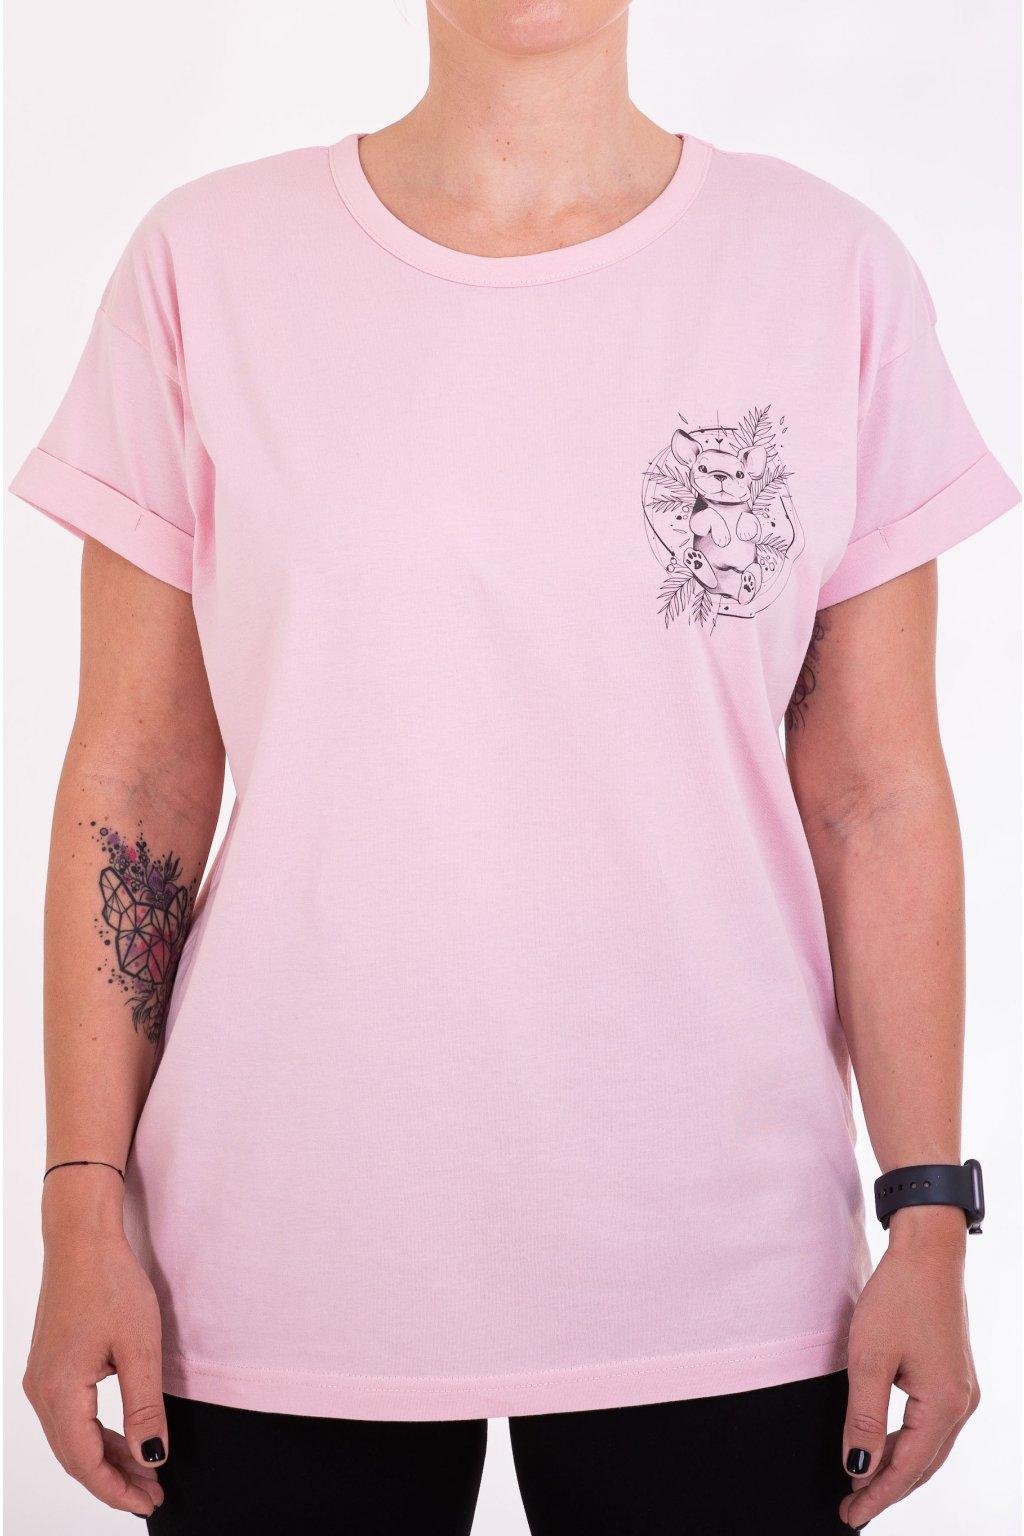 Dámské tričko PUPPY oversized růžové